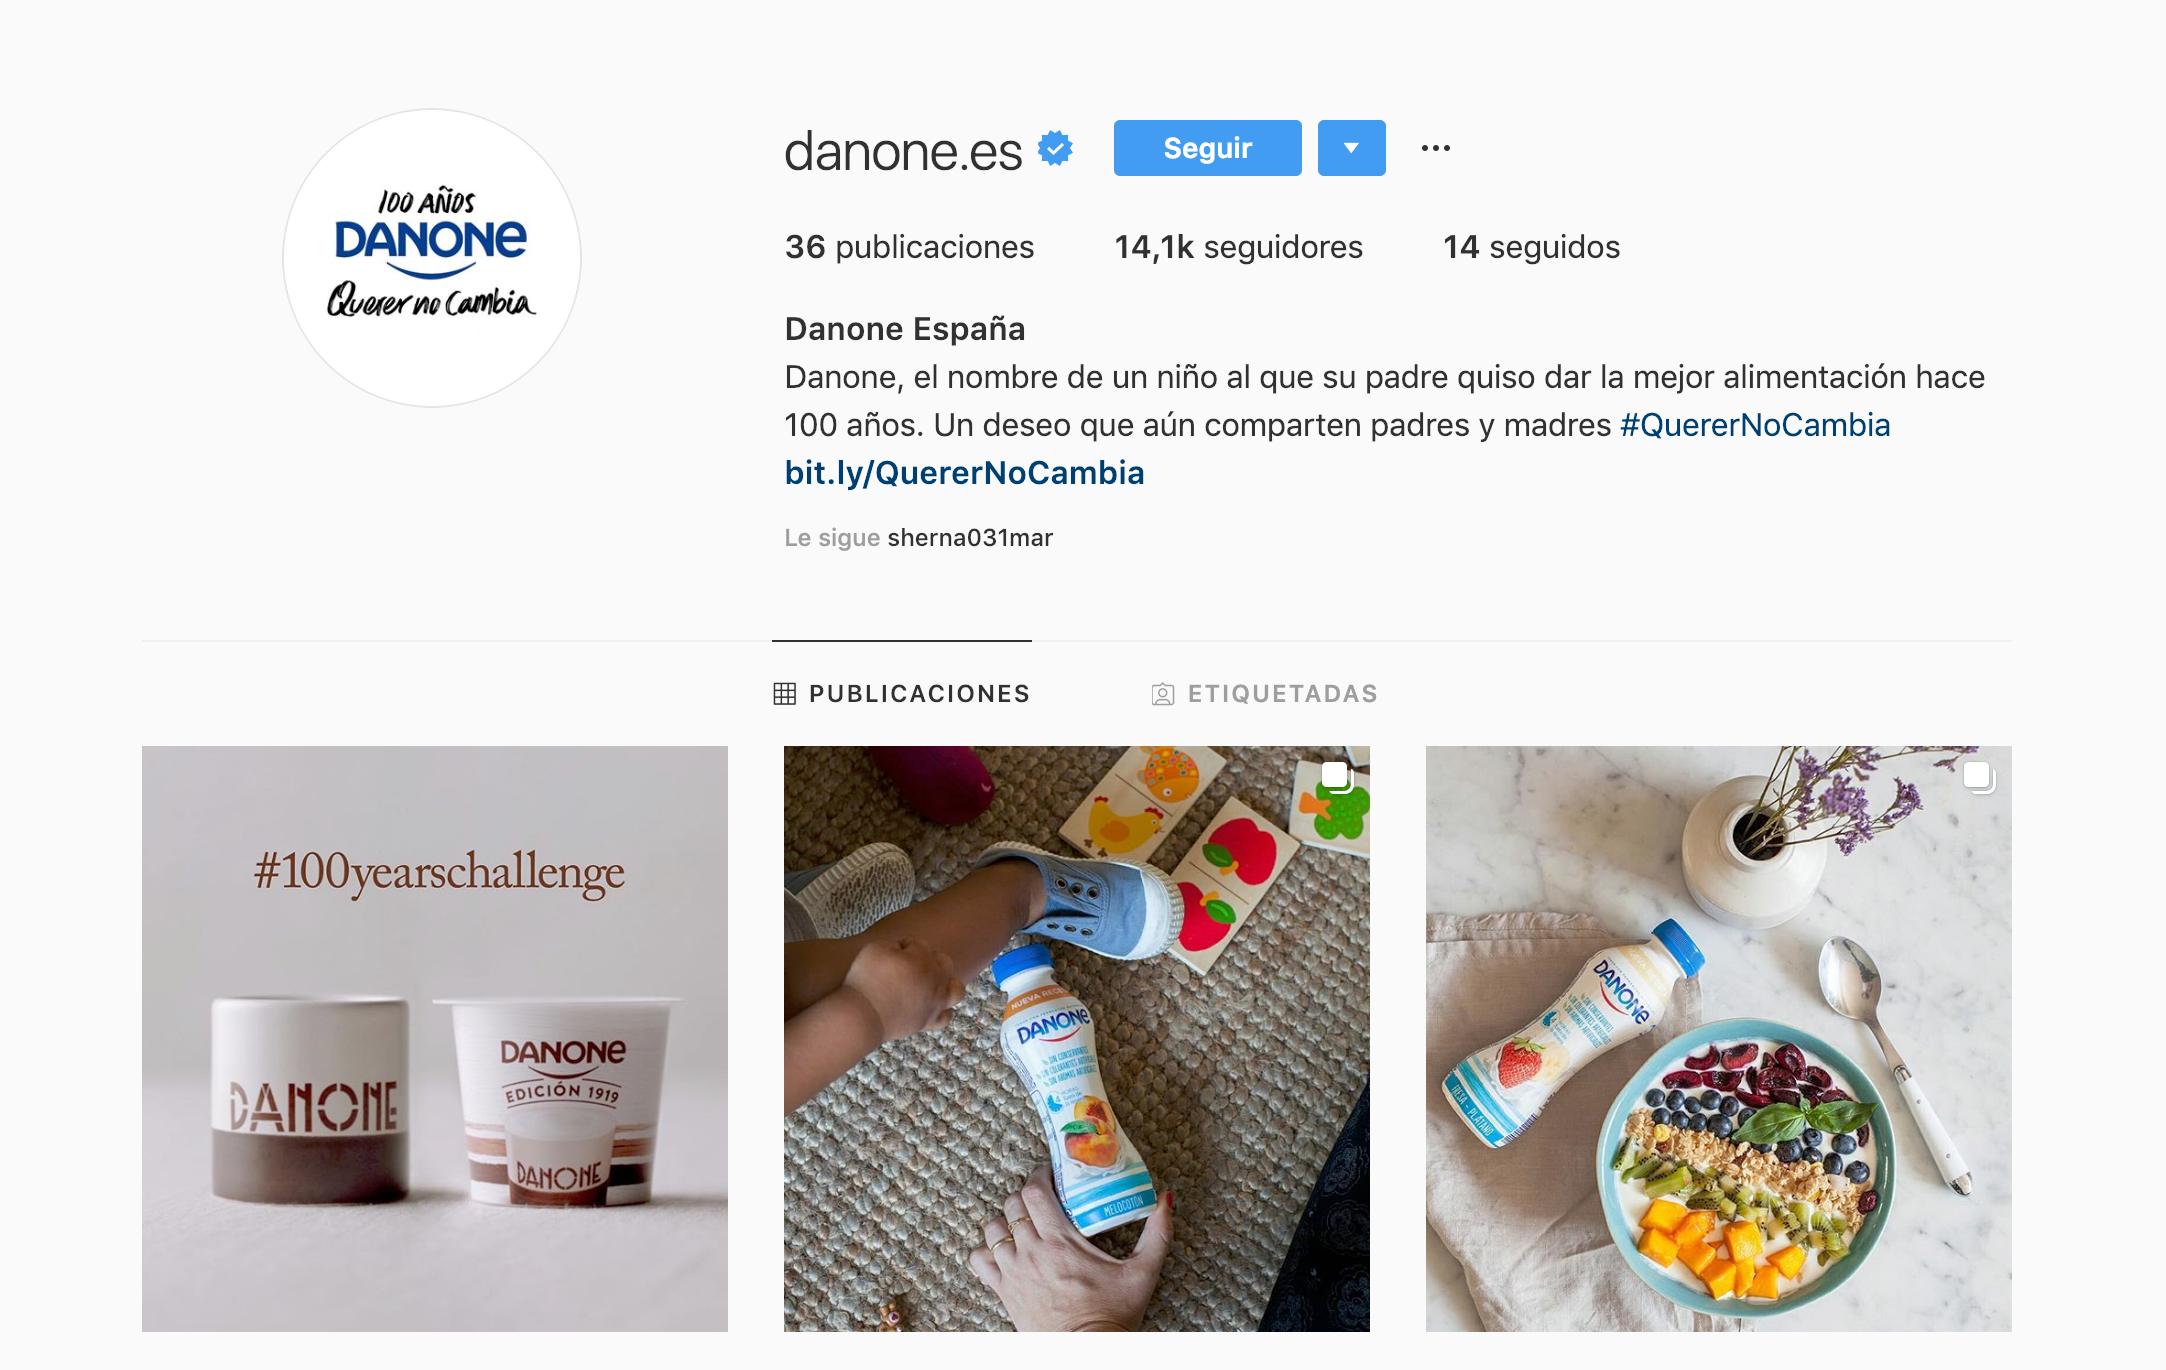 Bios para perfiles en redes sociales - Caso Danone